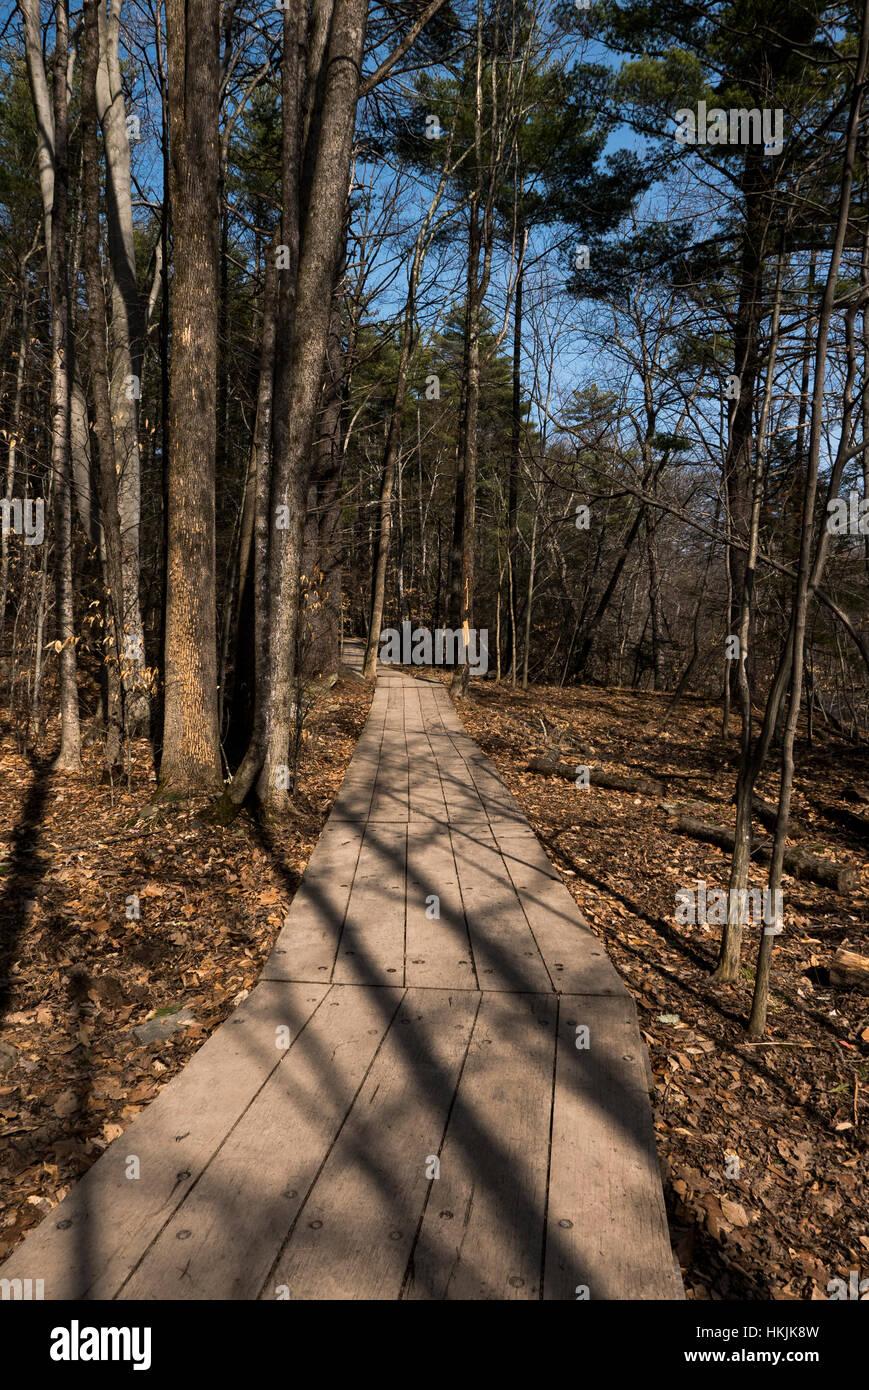 Sentier de la promenade dans les bois. Photo Stock